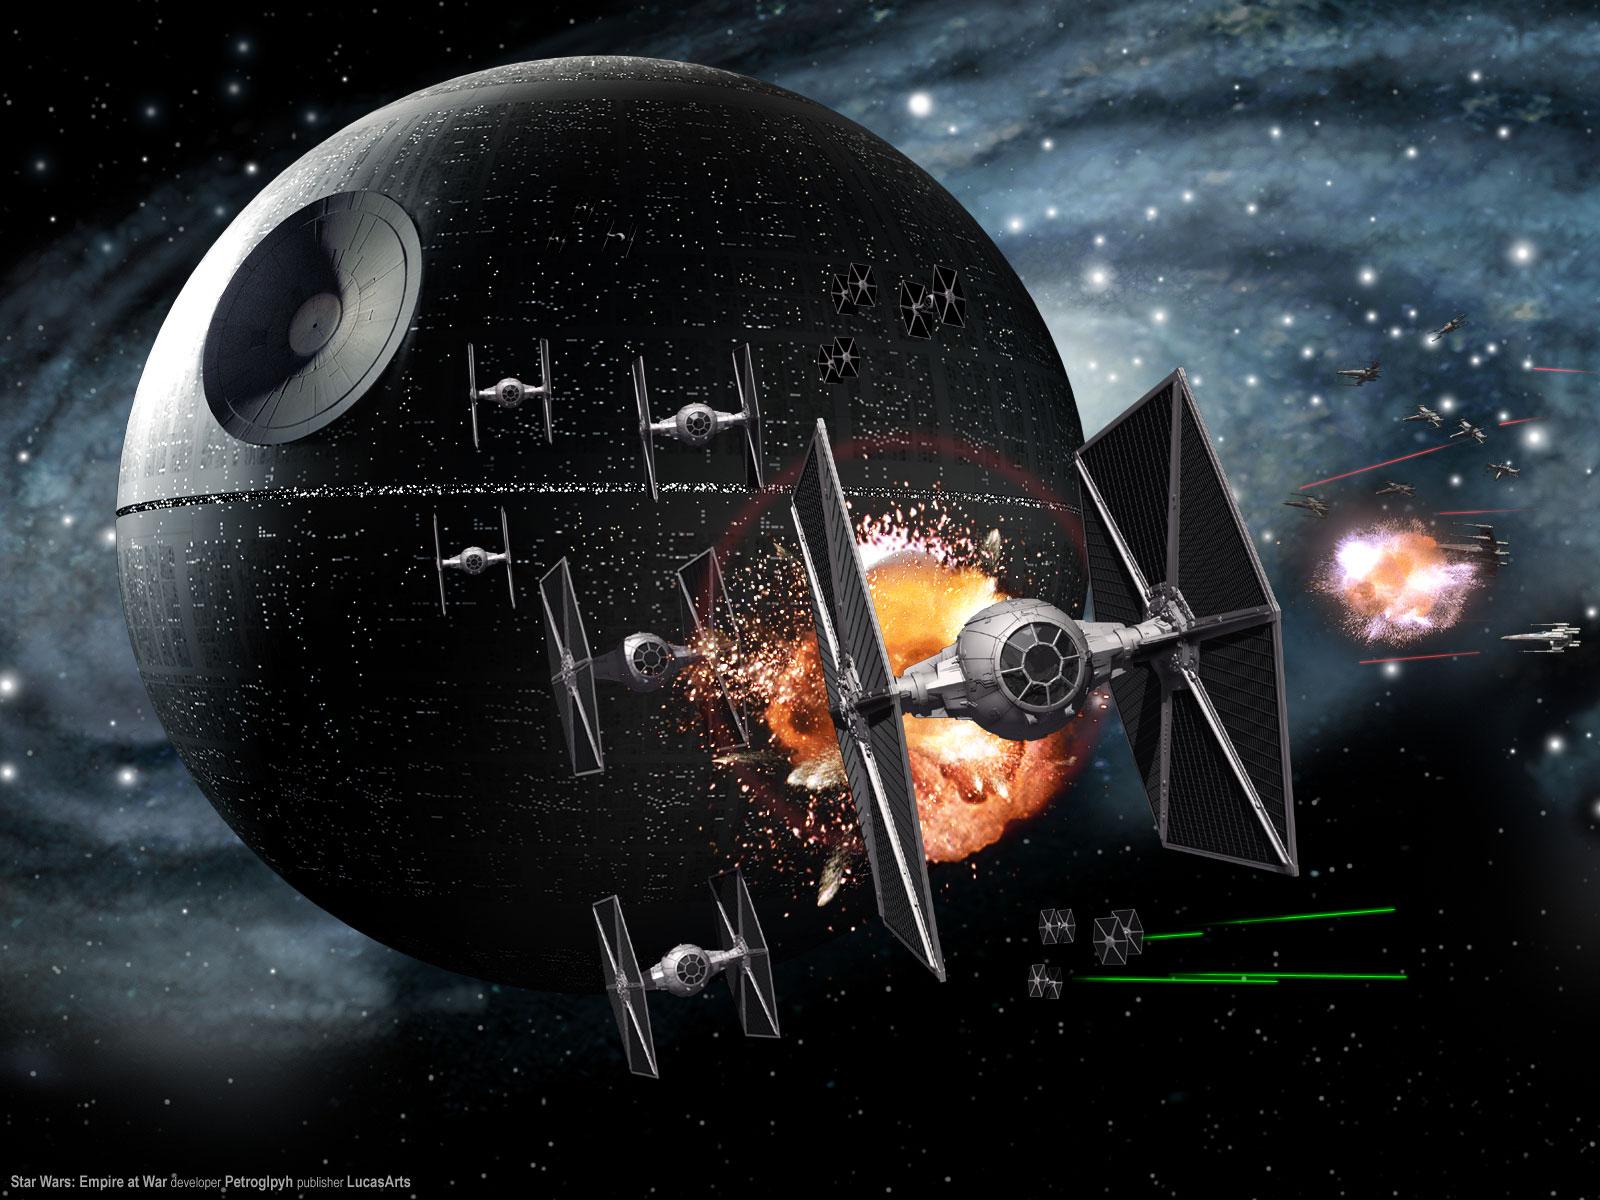 hd star wars death star wallpaper Star Wars Wallpaper 1600x1200